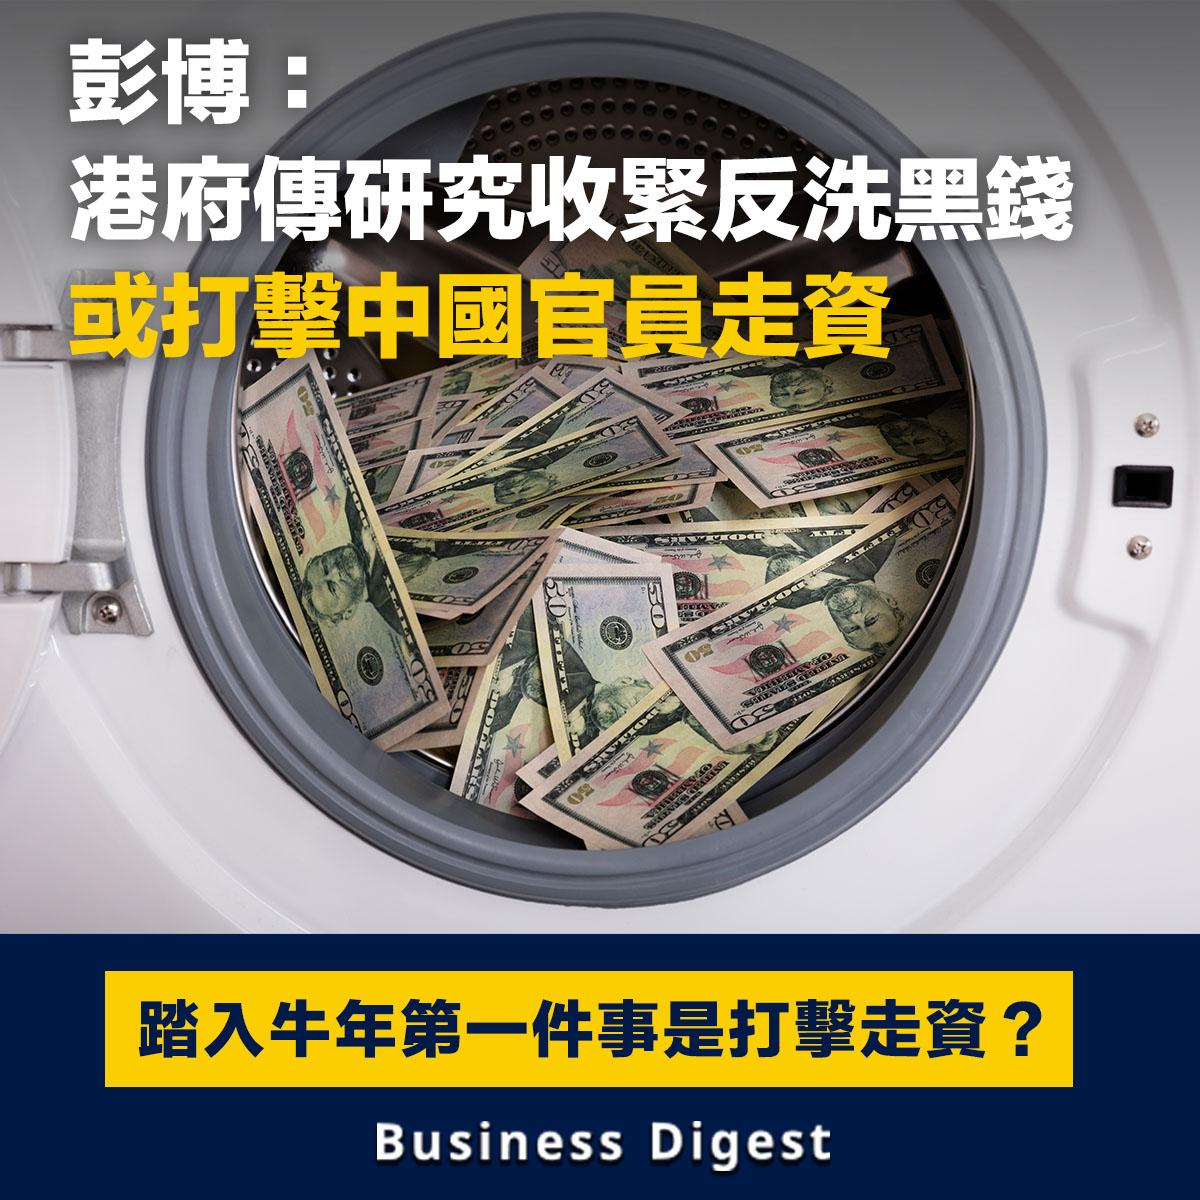 彭博:港府傳研究收緊反洗黑錢或打擊中國官員走資